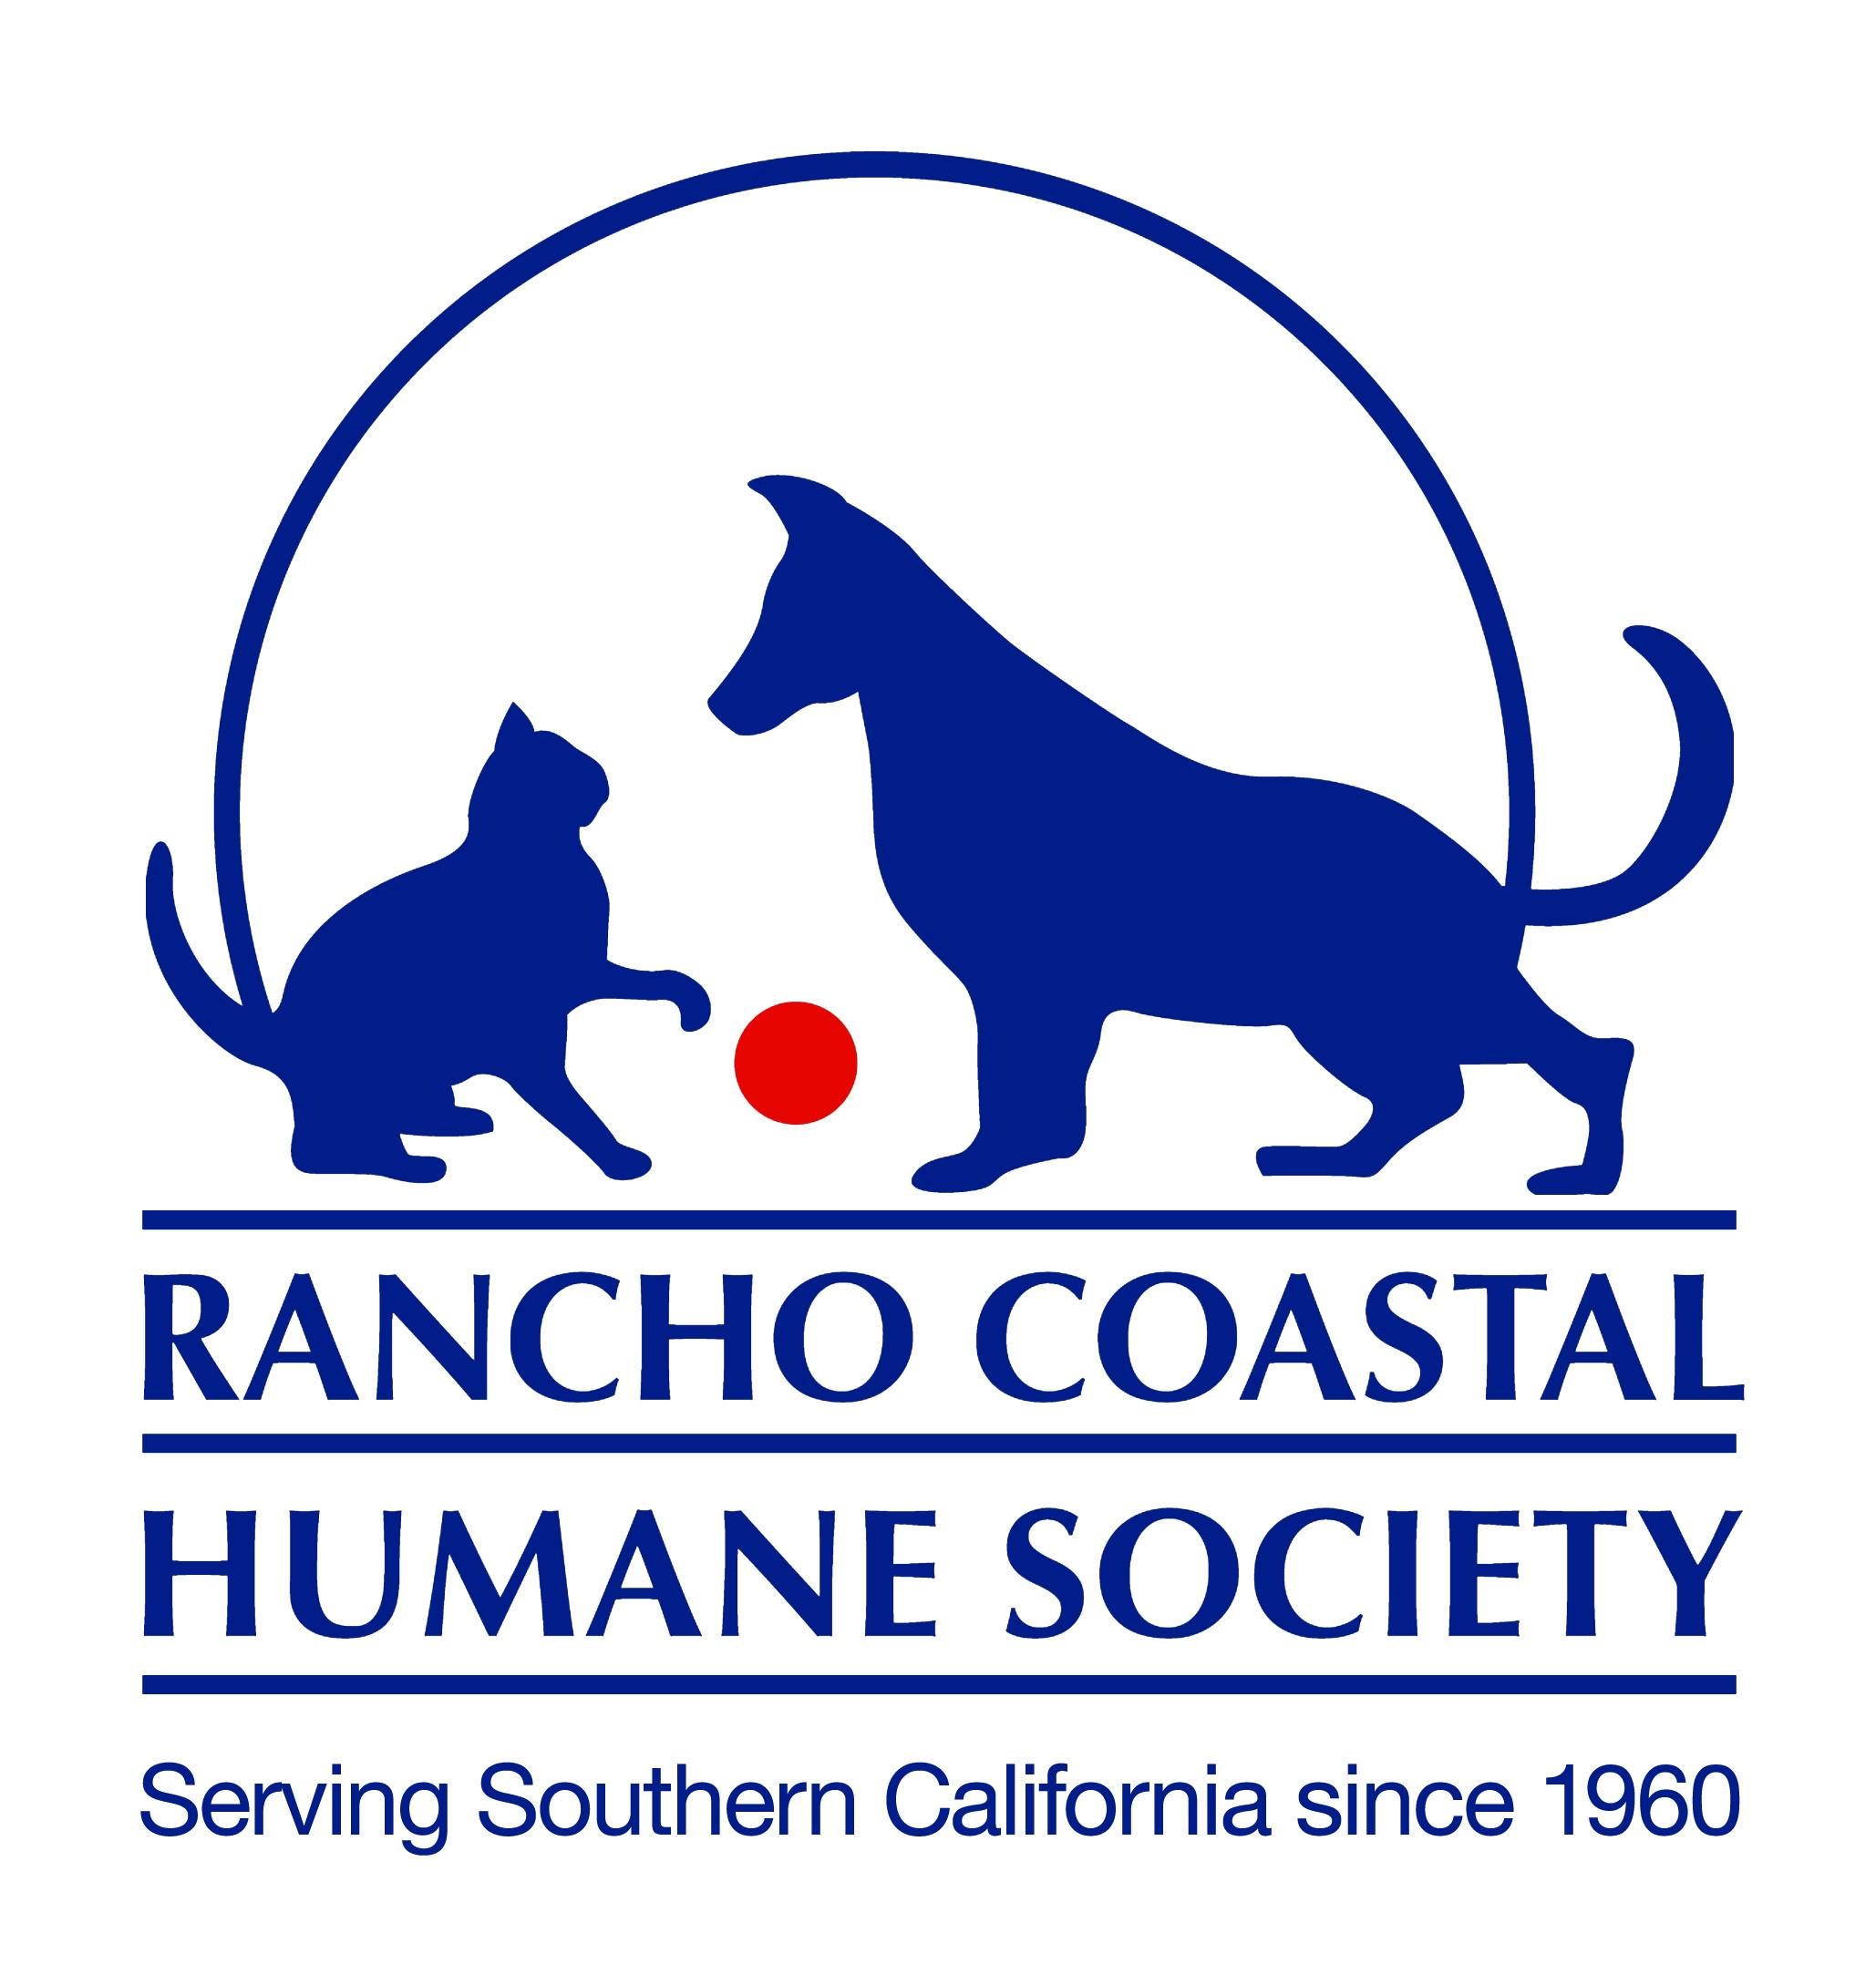 Rancho Coastal Humane Society logo